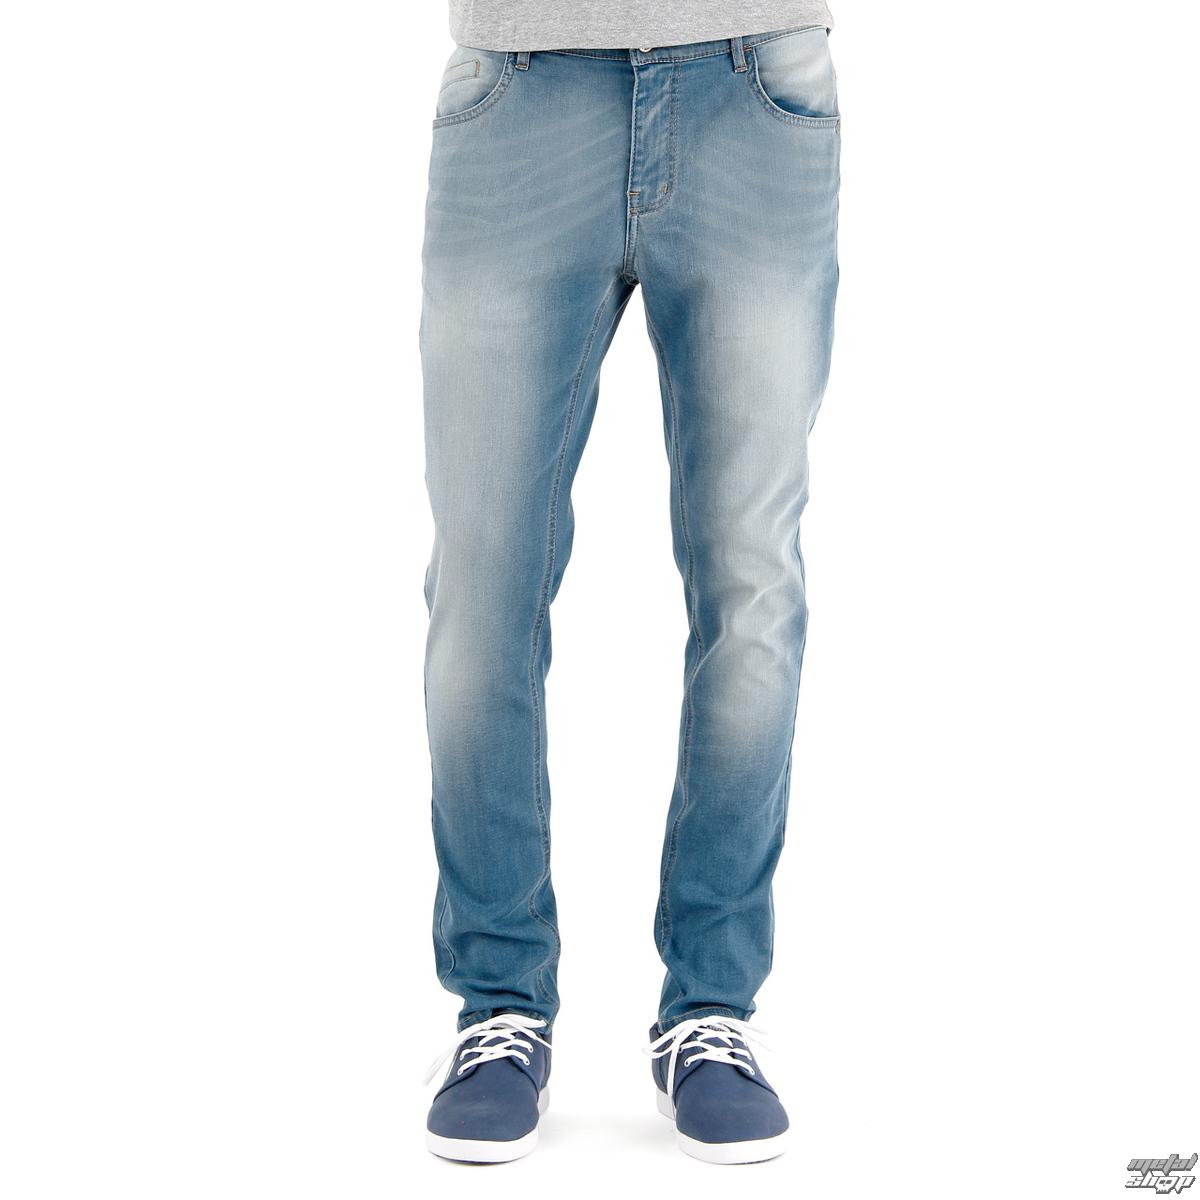 kalhoty pánské FUNSTORM - DECADE Jeans - 87 Light Scratched Used